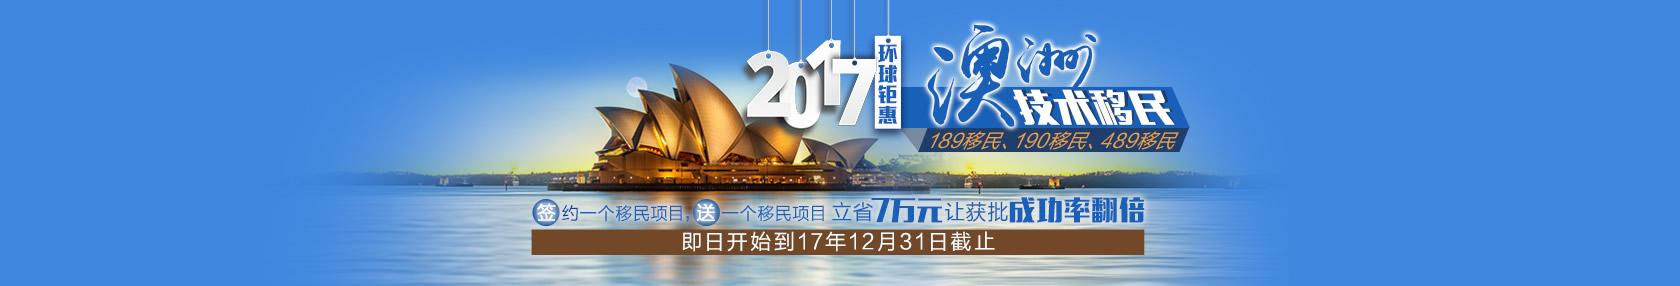 【钜惠】12月31日前签约办理澳洲技术移民项目买一送一!立省7万元!获批成功率翻倍!!